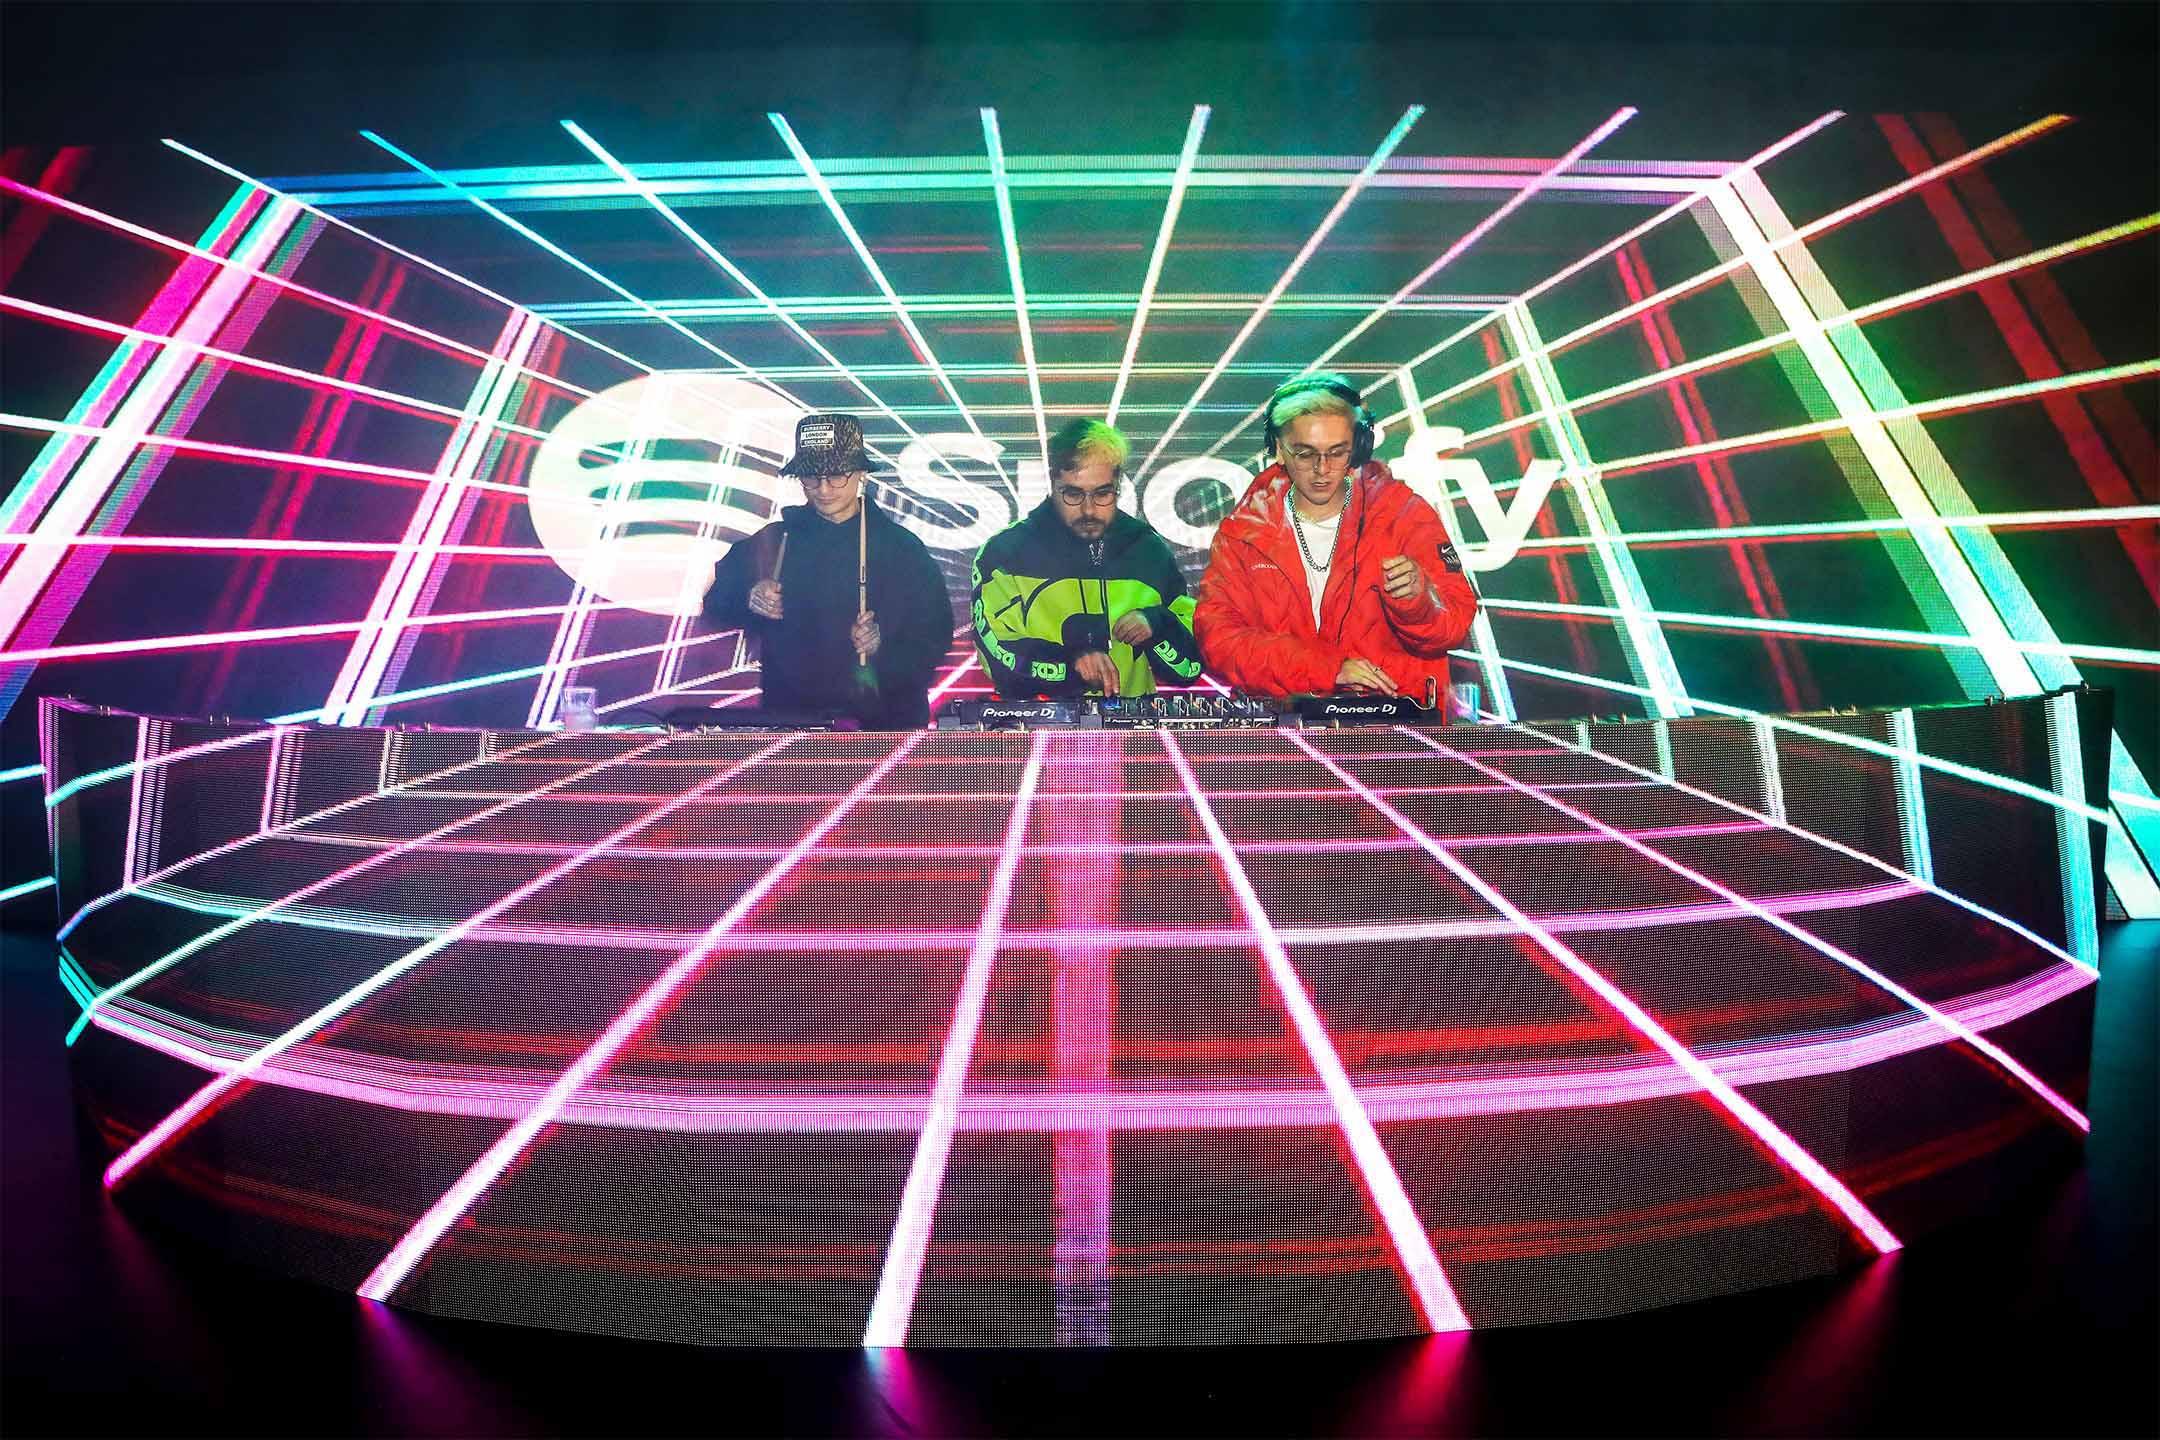 2020年3月5日墨西哥城,舞台上的表演者在Spotify頒獎禮上表演。